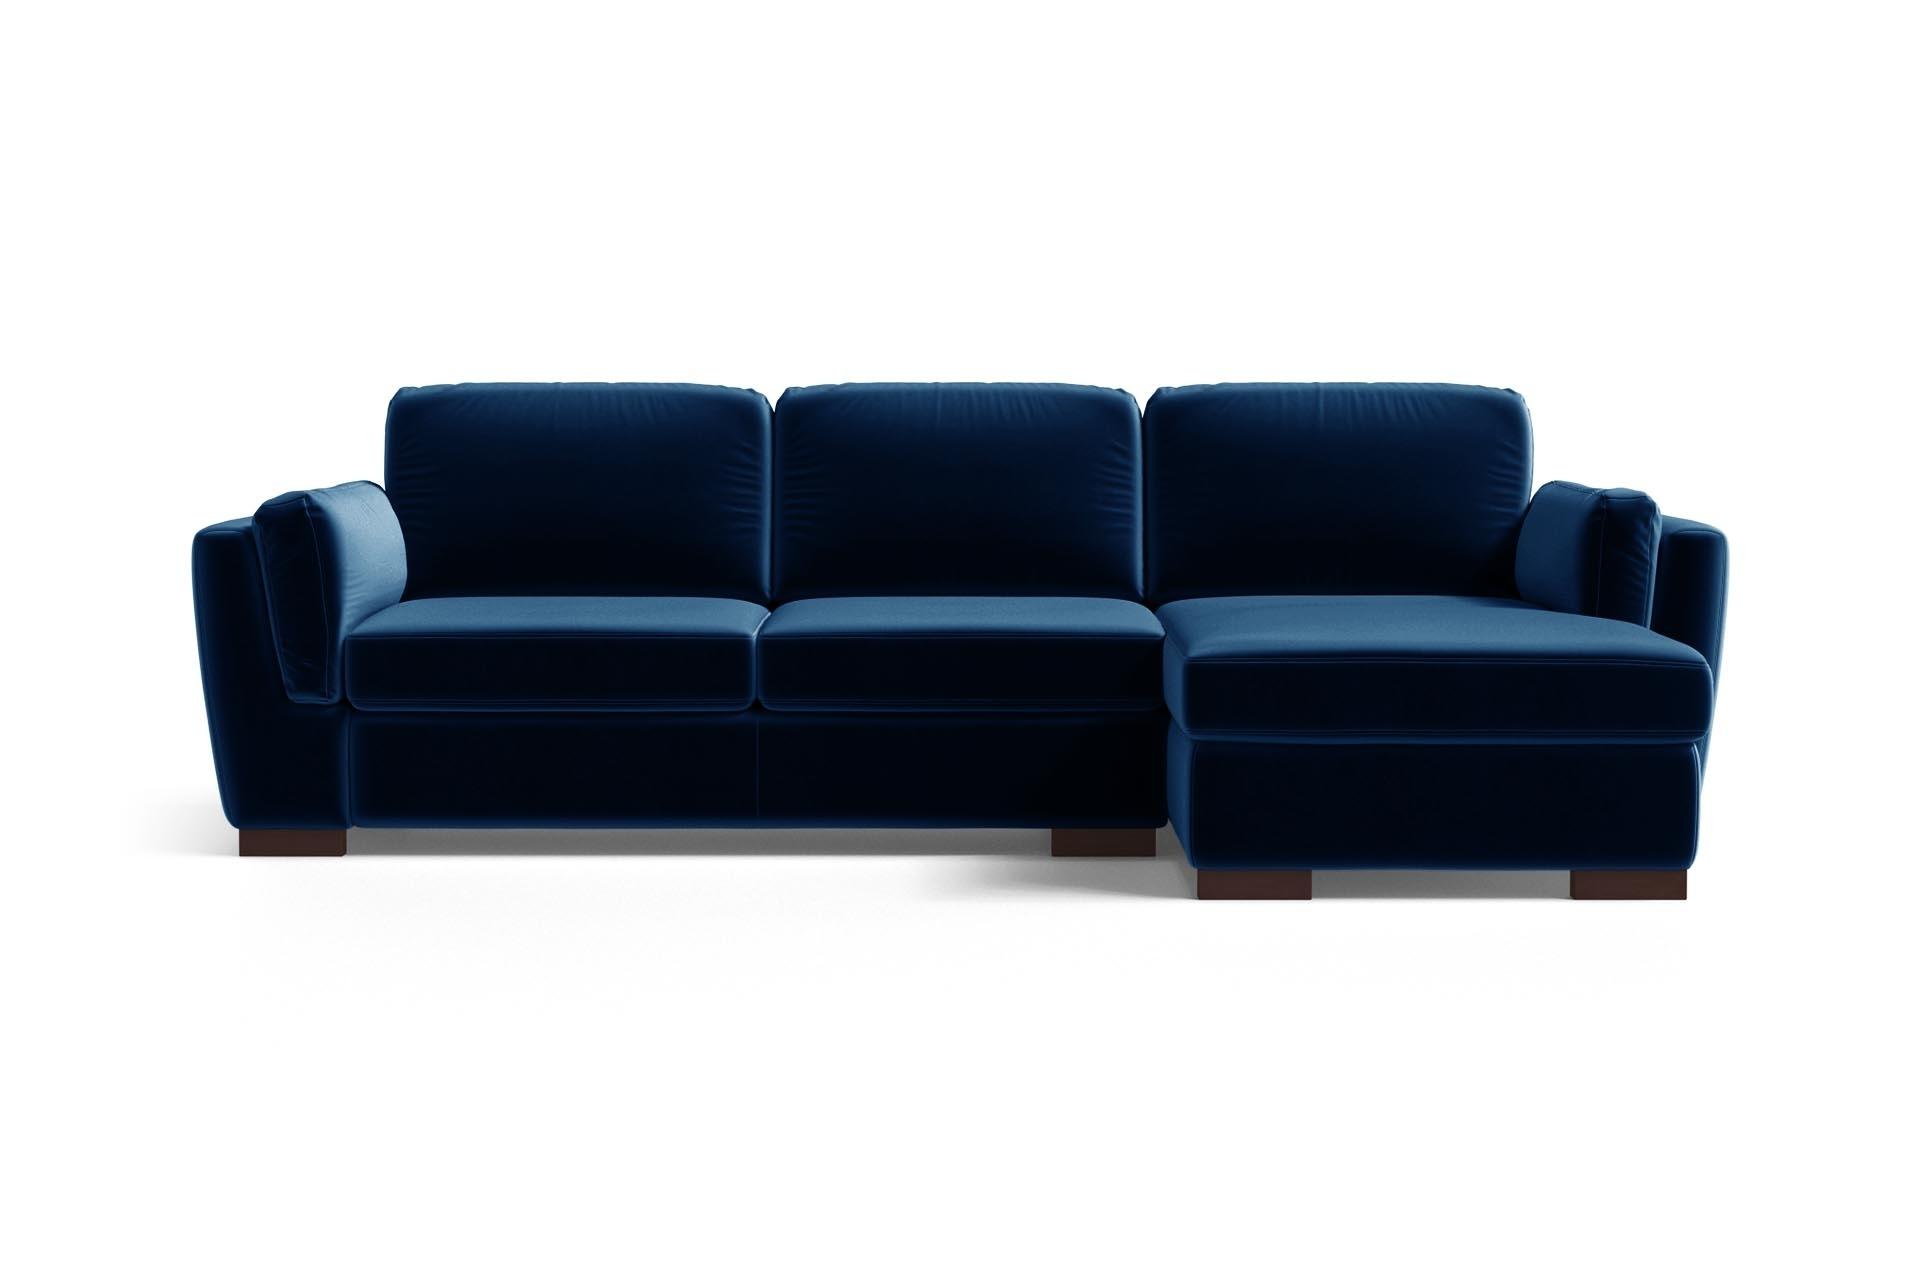 Canapé d'angle 4 places Bleu Velours Luxe Design